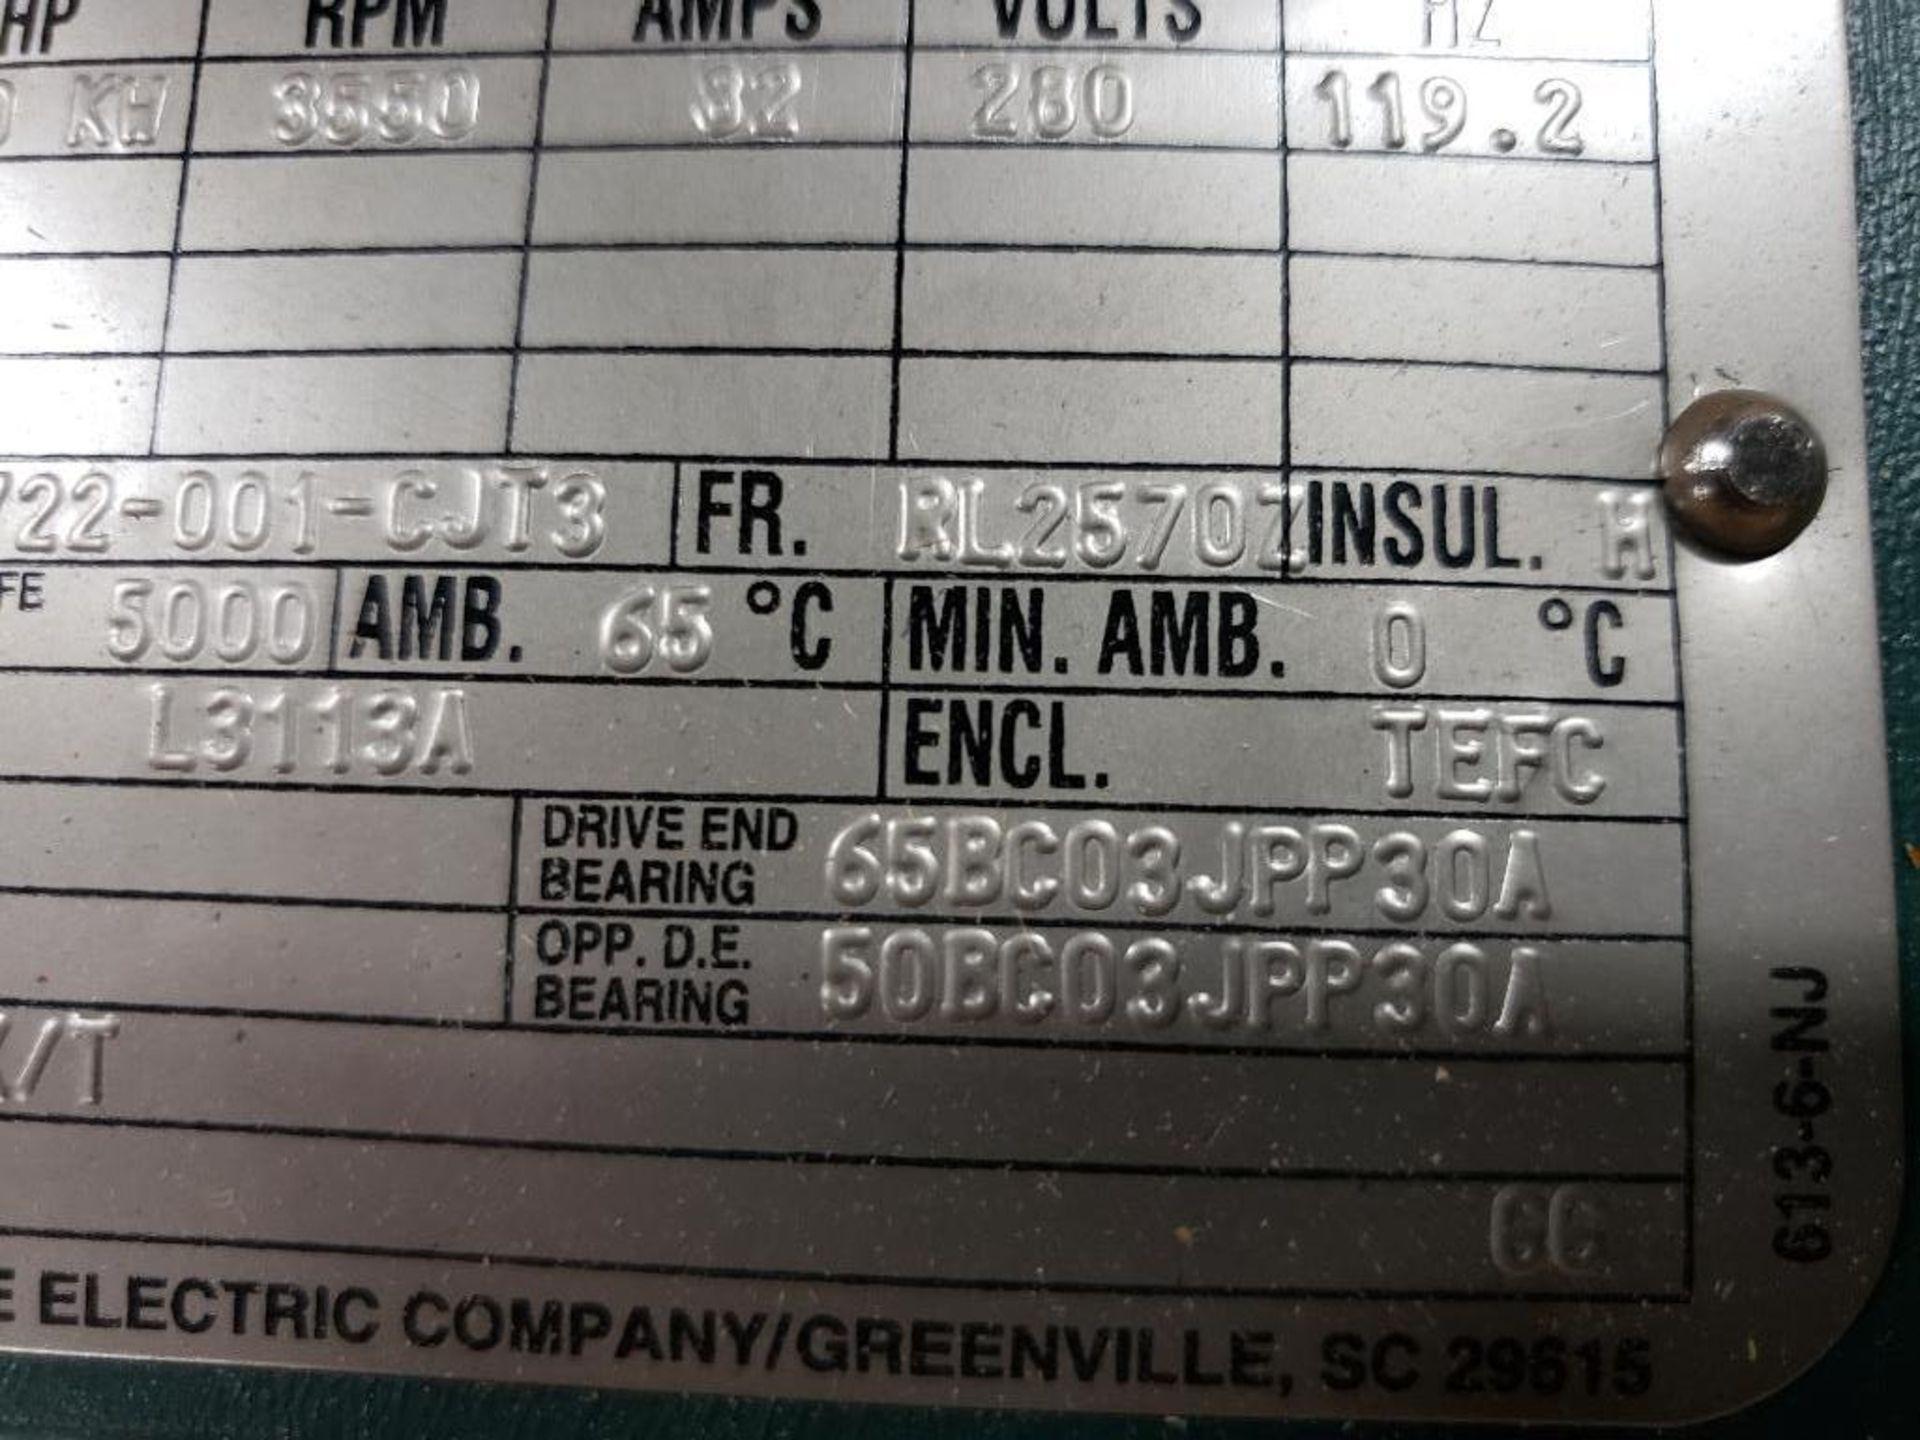 30kW Siemens 3PH Motor. 6986722-001-CJT3. 280V, 3550RM, RL2570Z-Frame. - Image 5 of 10